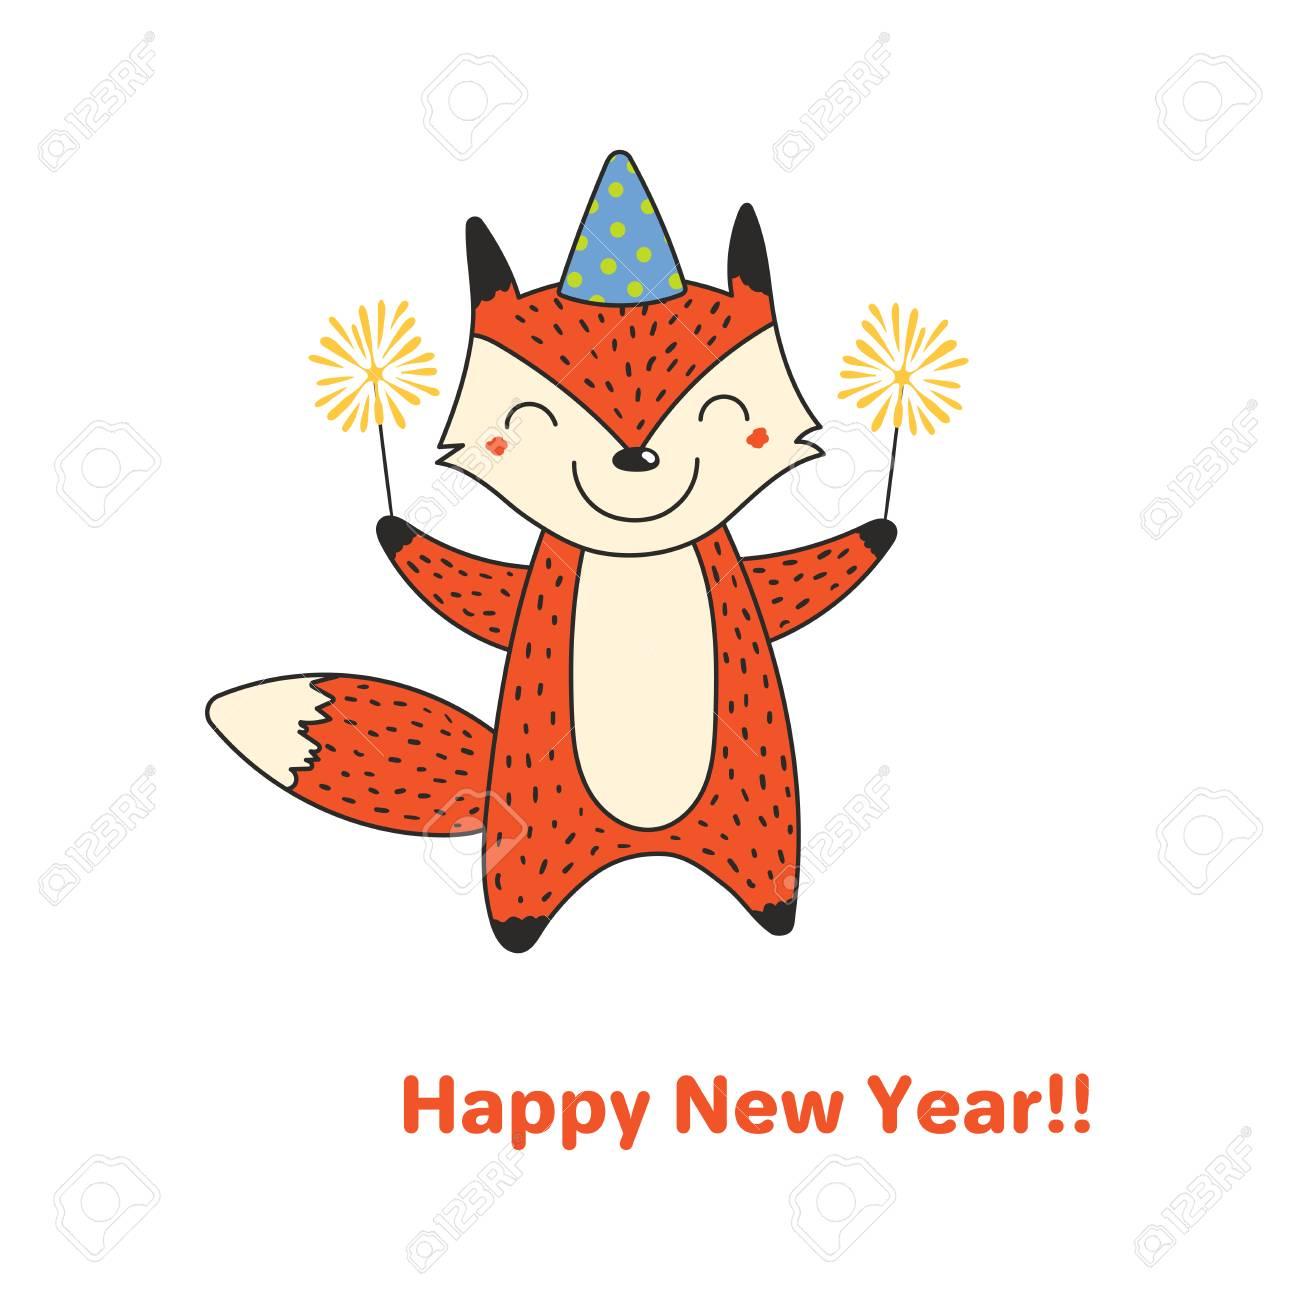 Happy New Year Cartoon 23